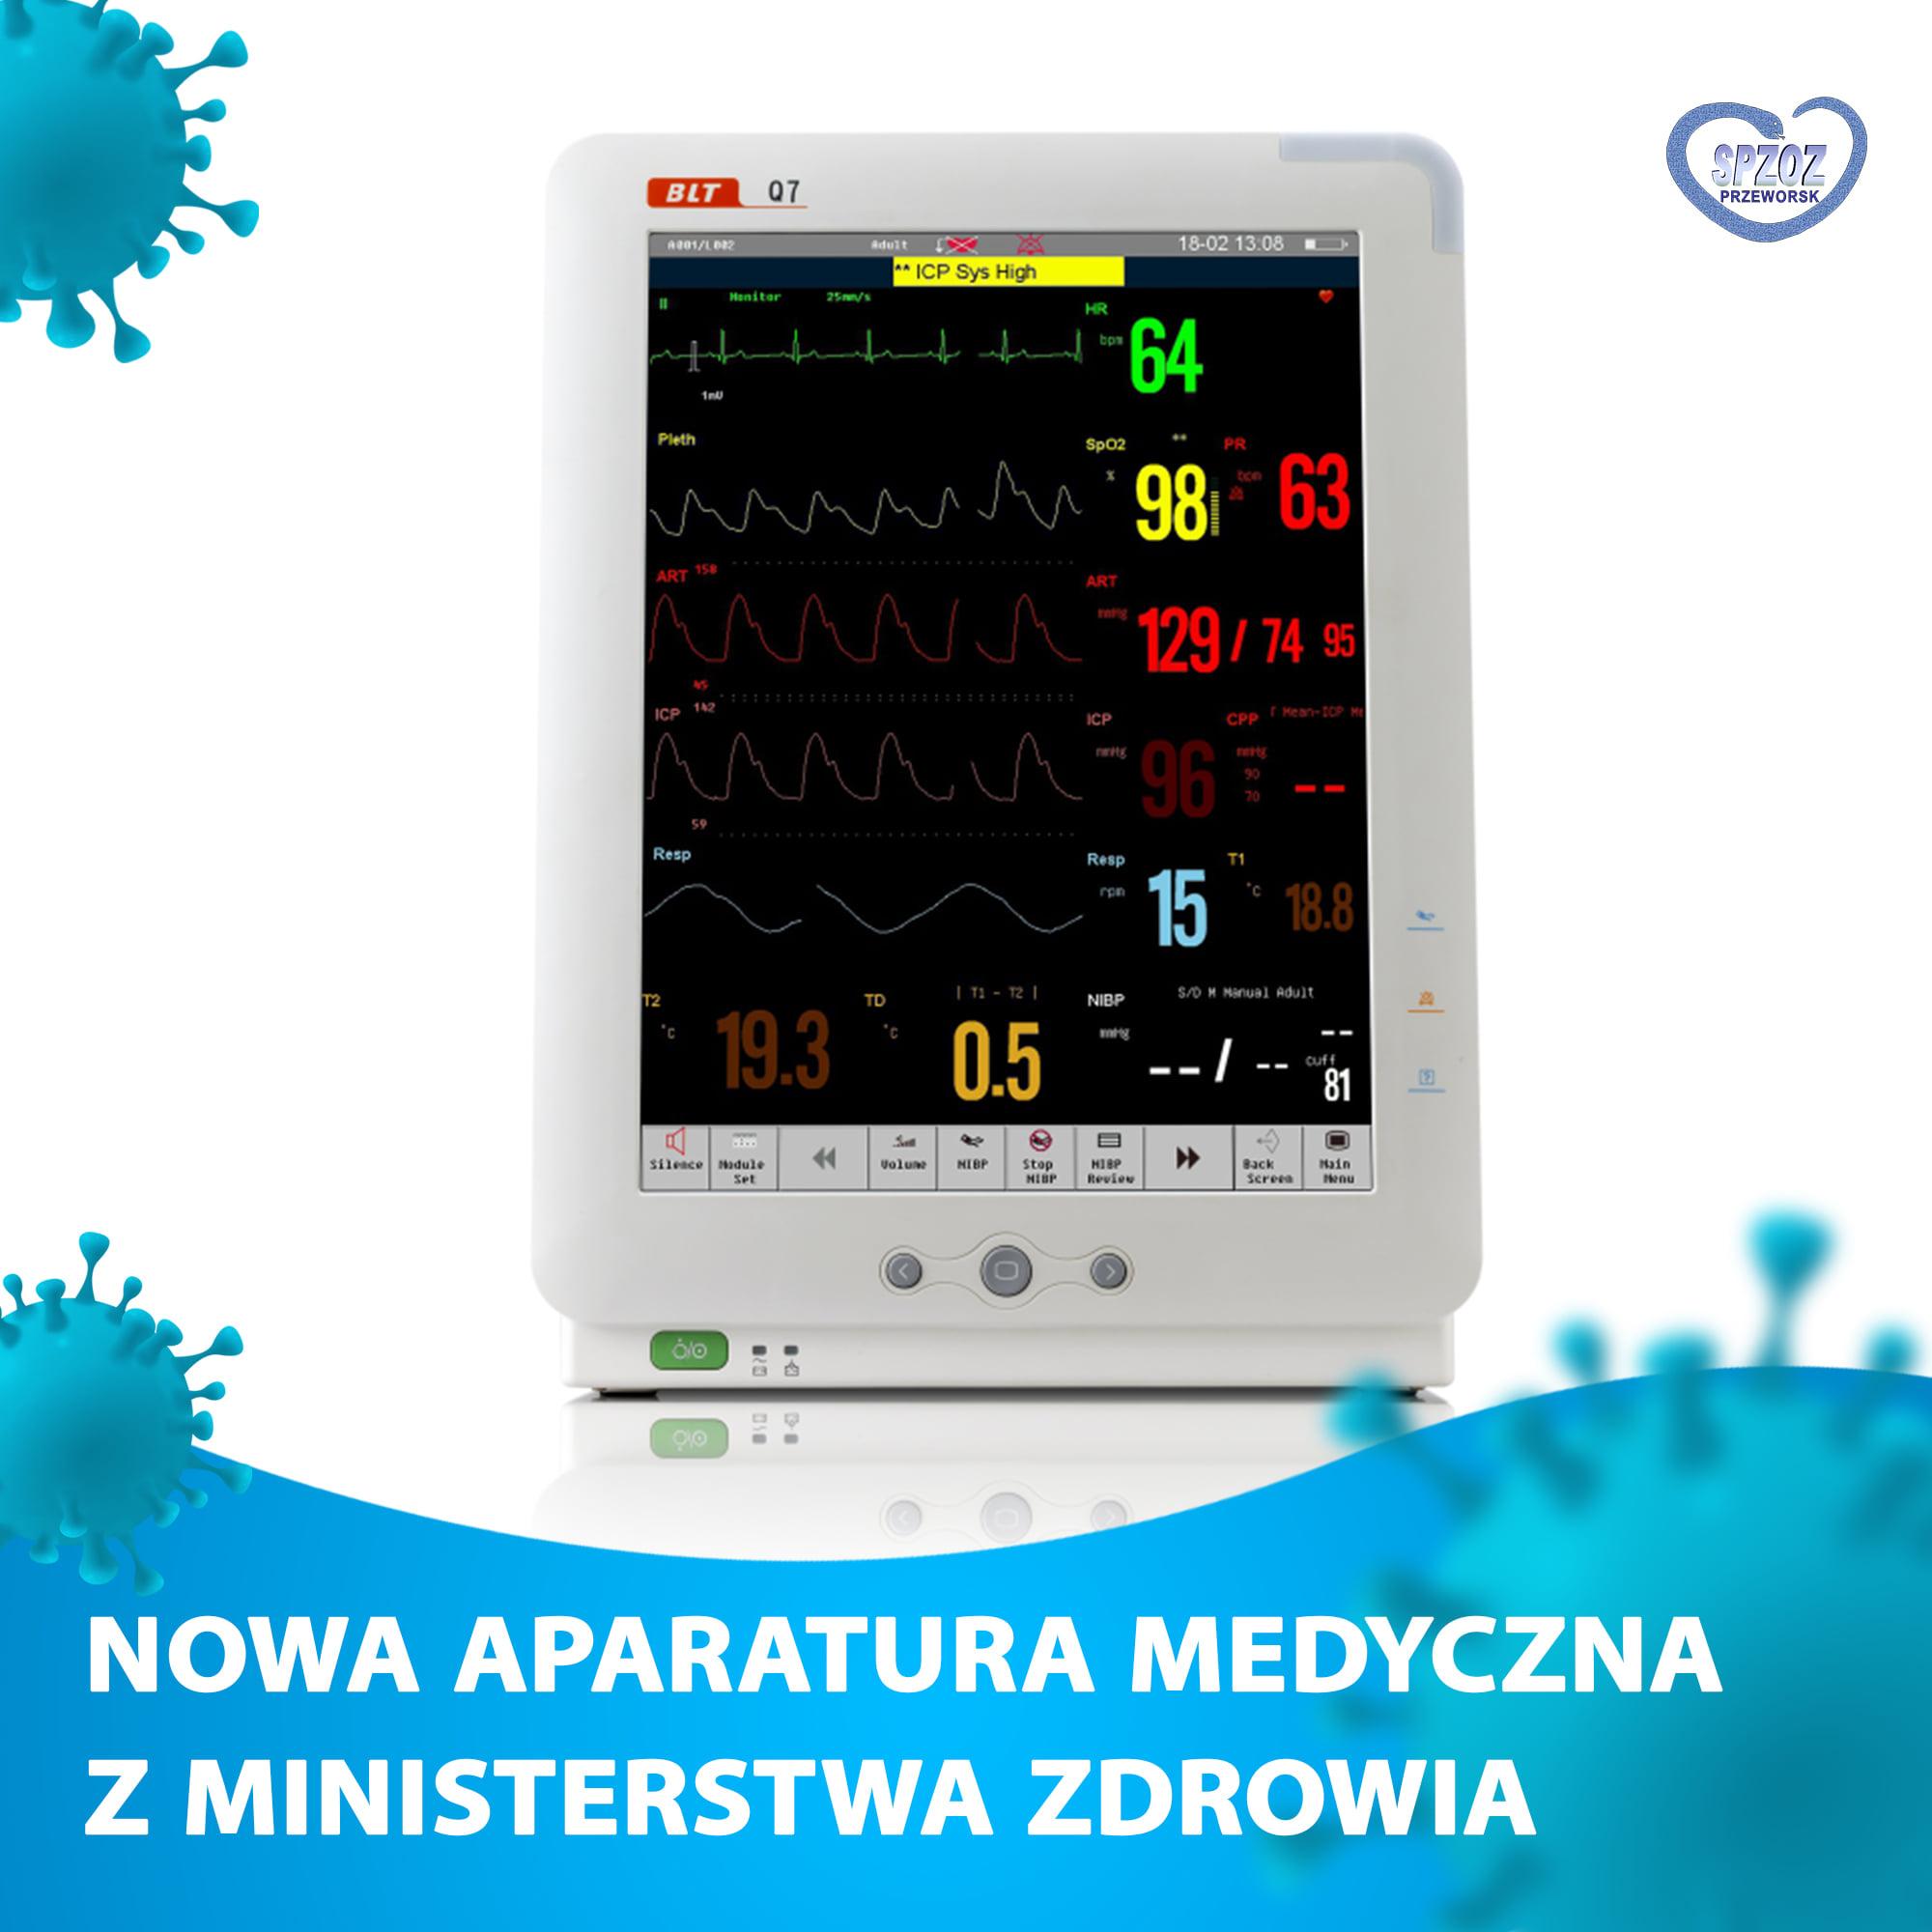 Nowa aparatura medyczna z Ministerstwa Zdrowia